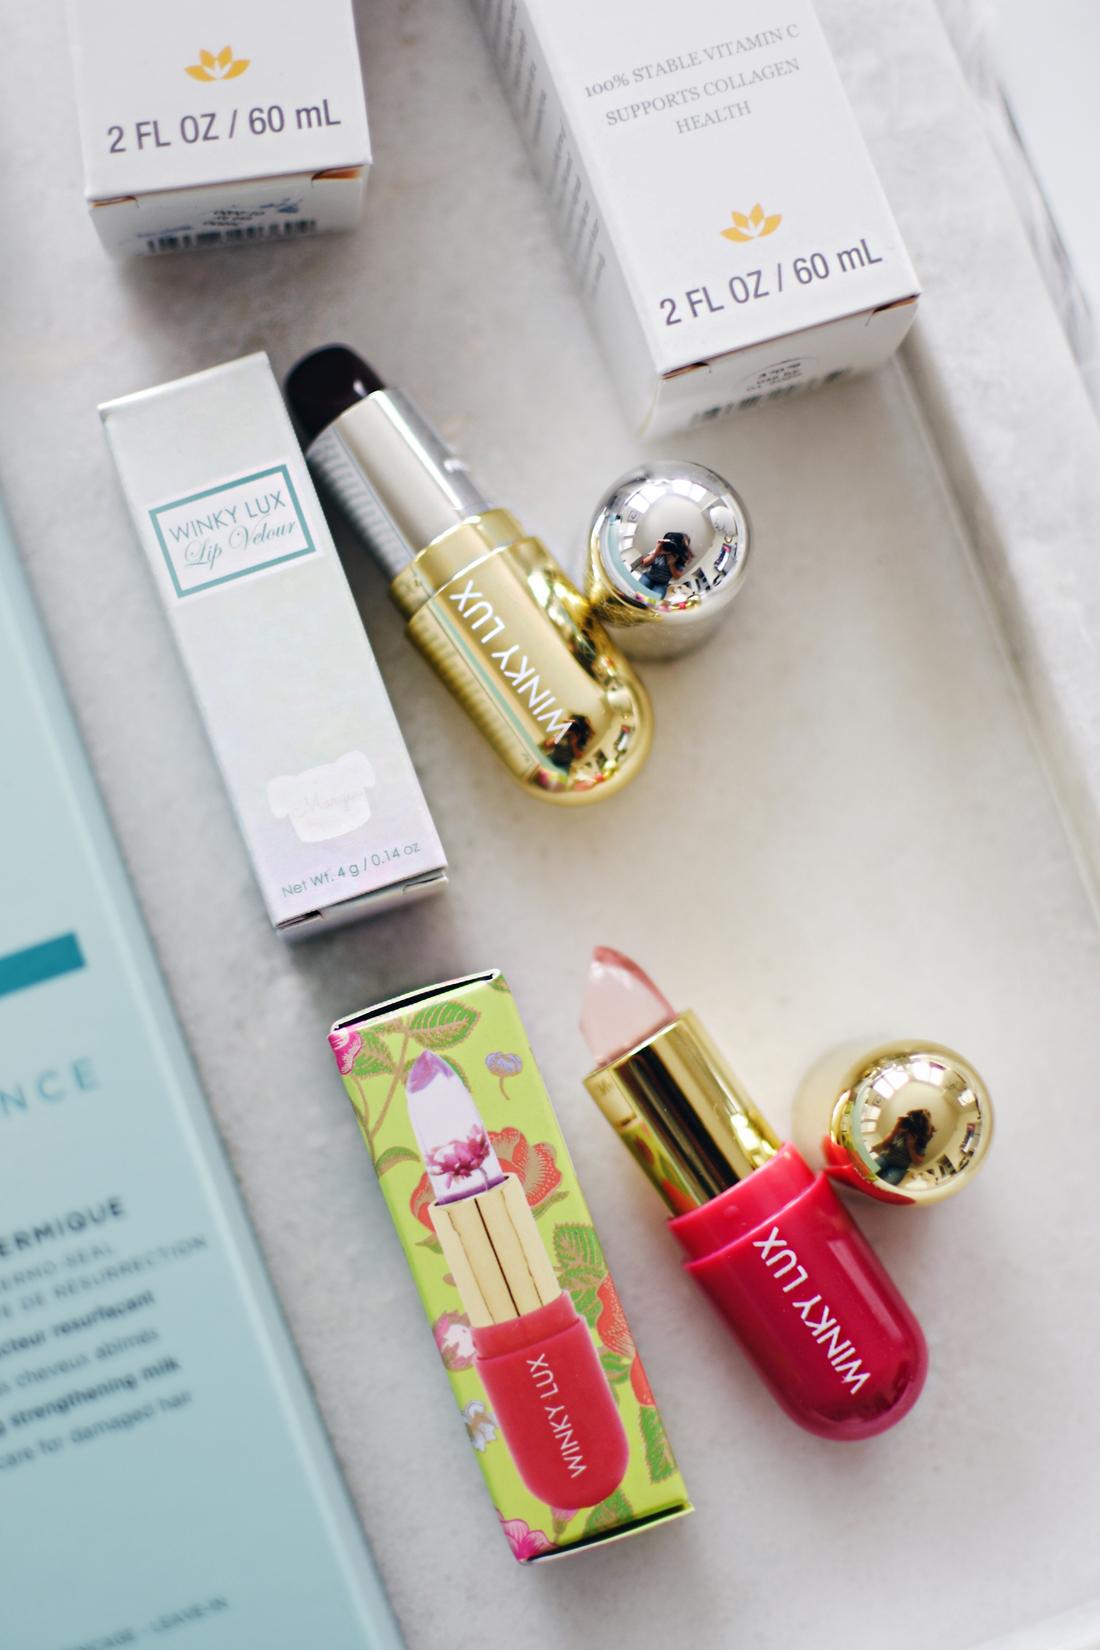 Start Studded style secrets Babbleboxx, Winky Lux lipsticks